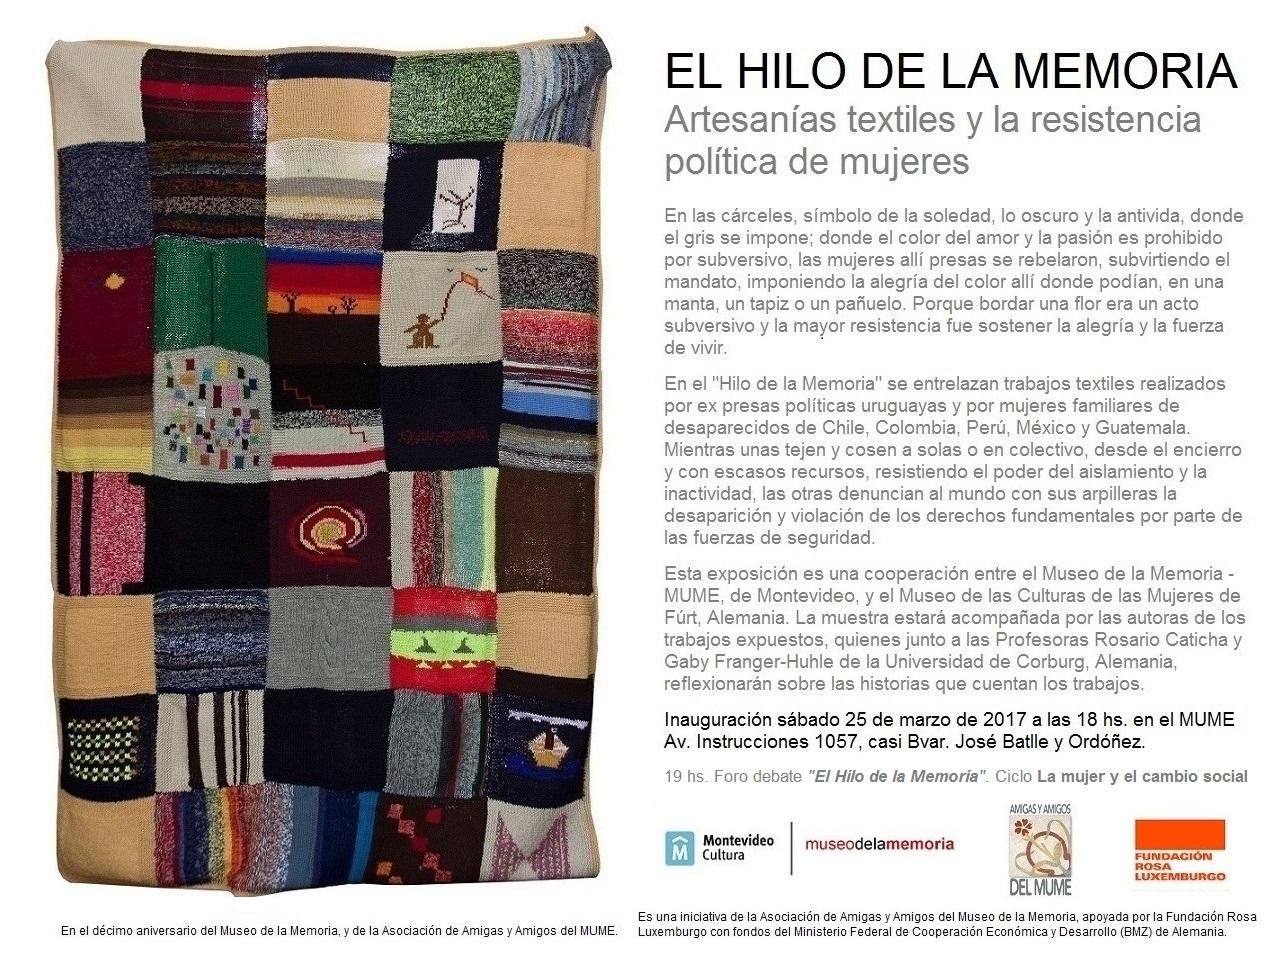 invitacion_el_hilo_de_la_memoria